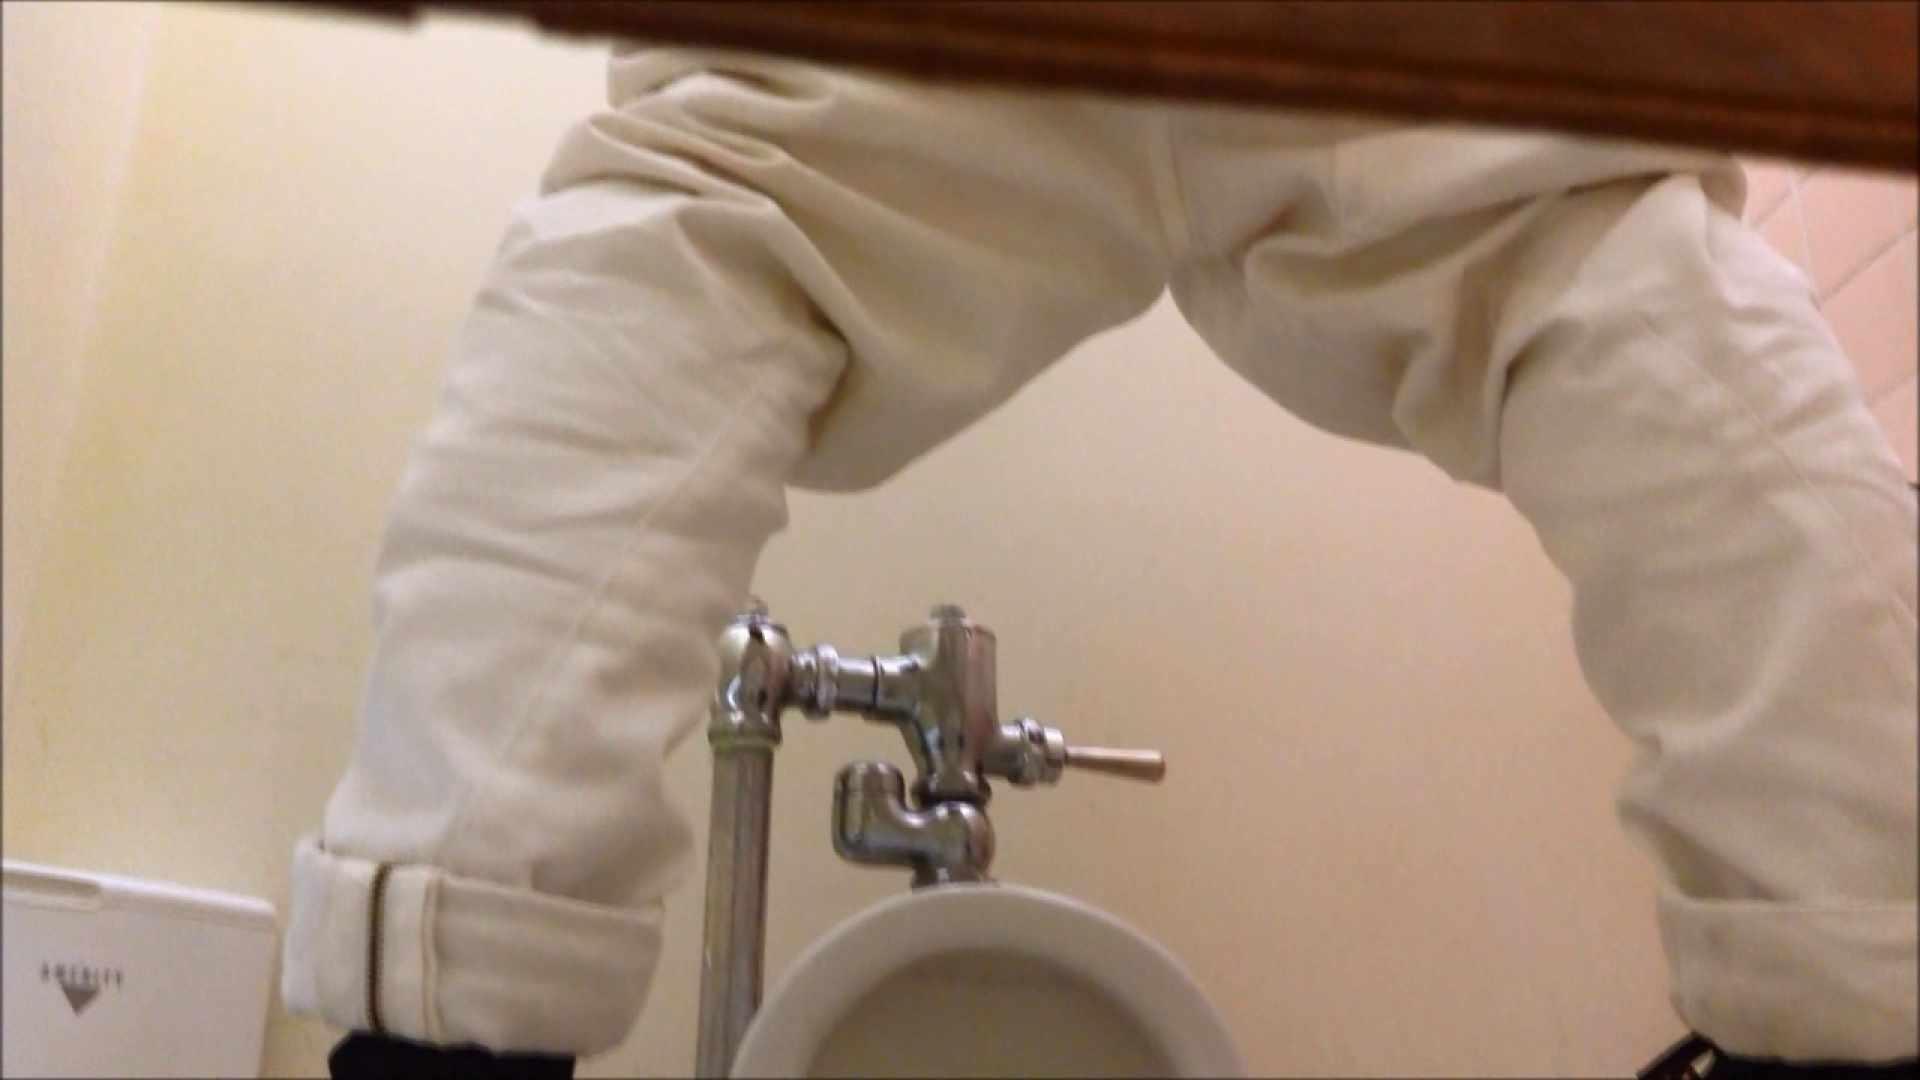 某有名大学女性洗面所 vol.10 和式トイレ オメコ無修正動画無料 90pic 19